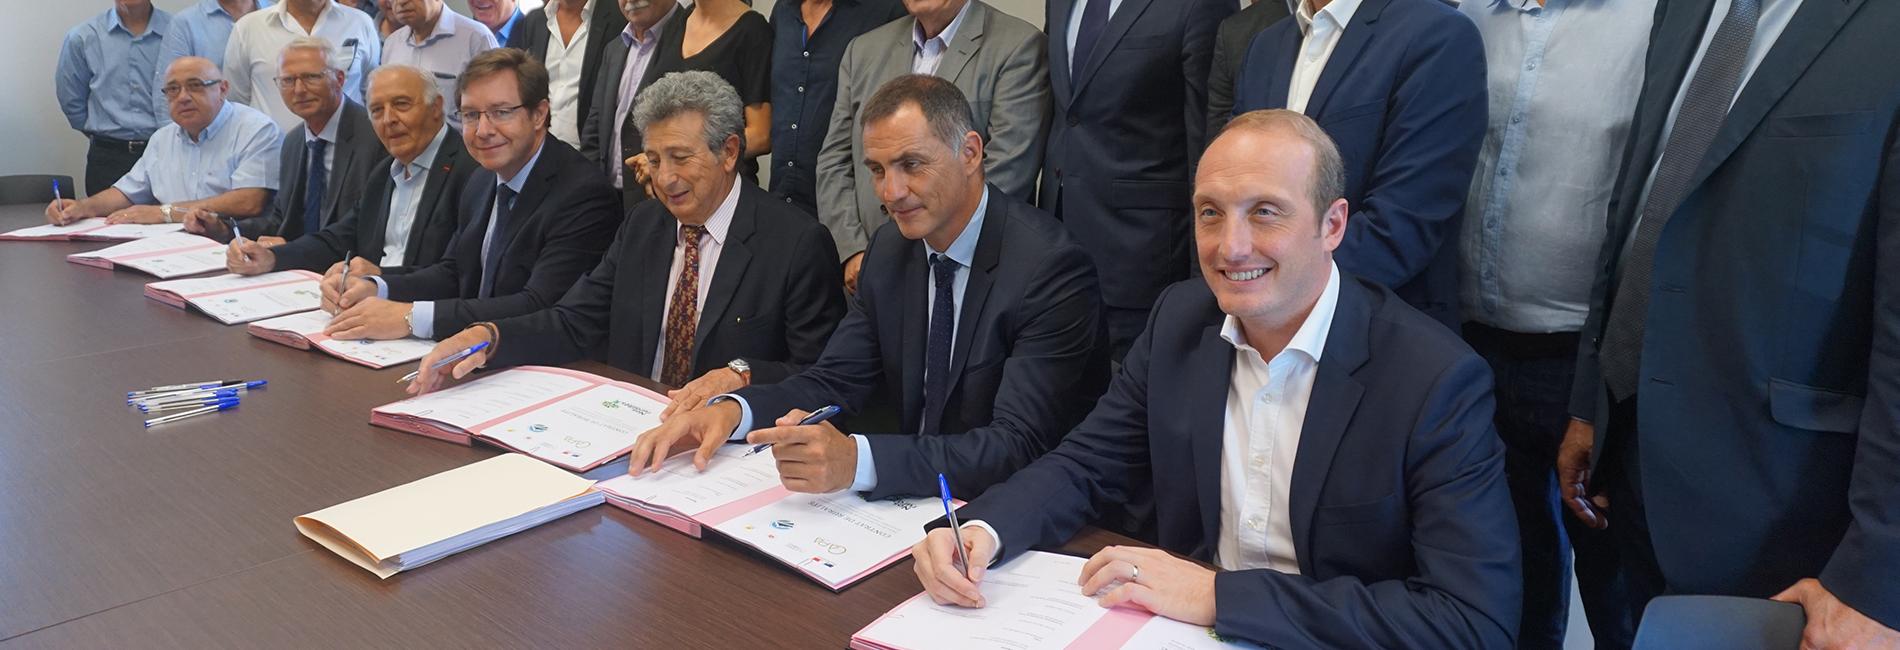 Signature des contrats de ruralité en Corse du Sud